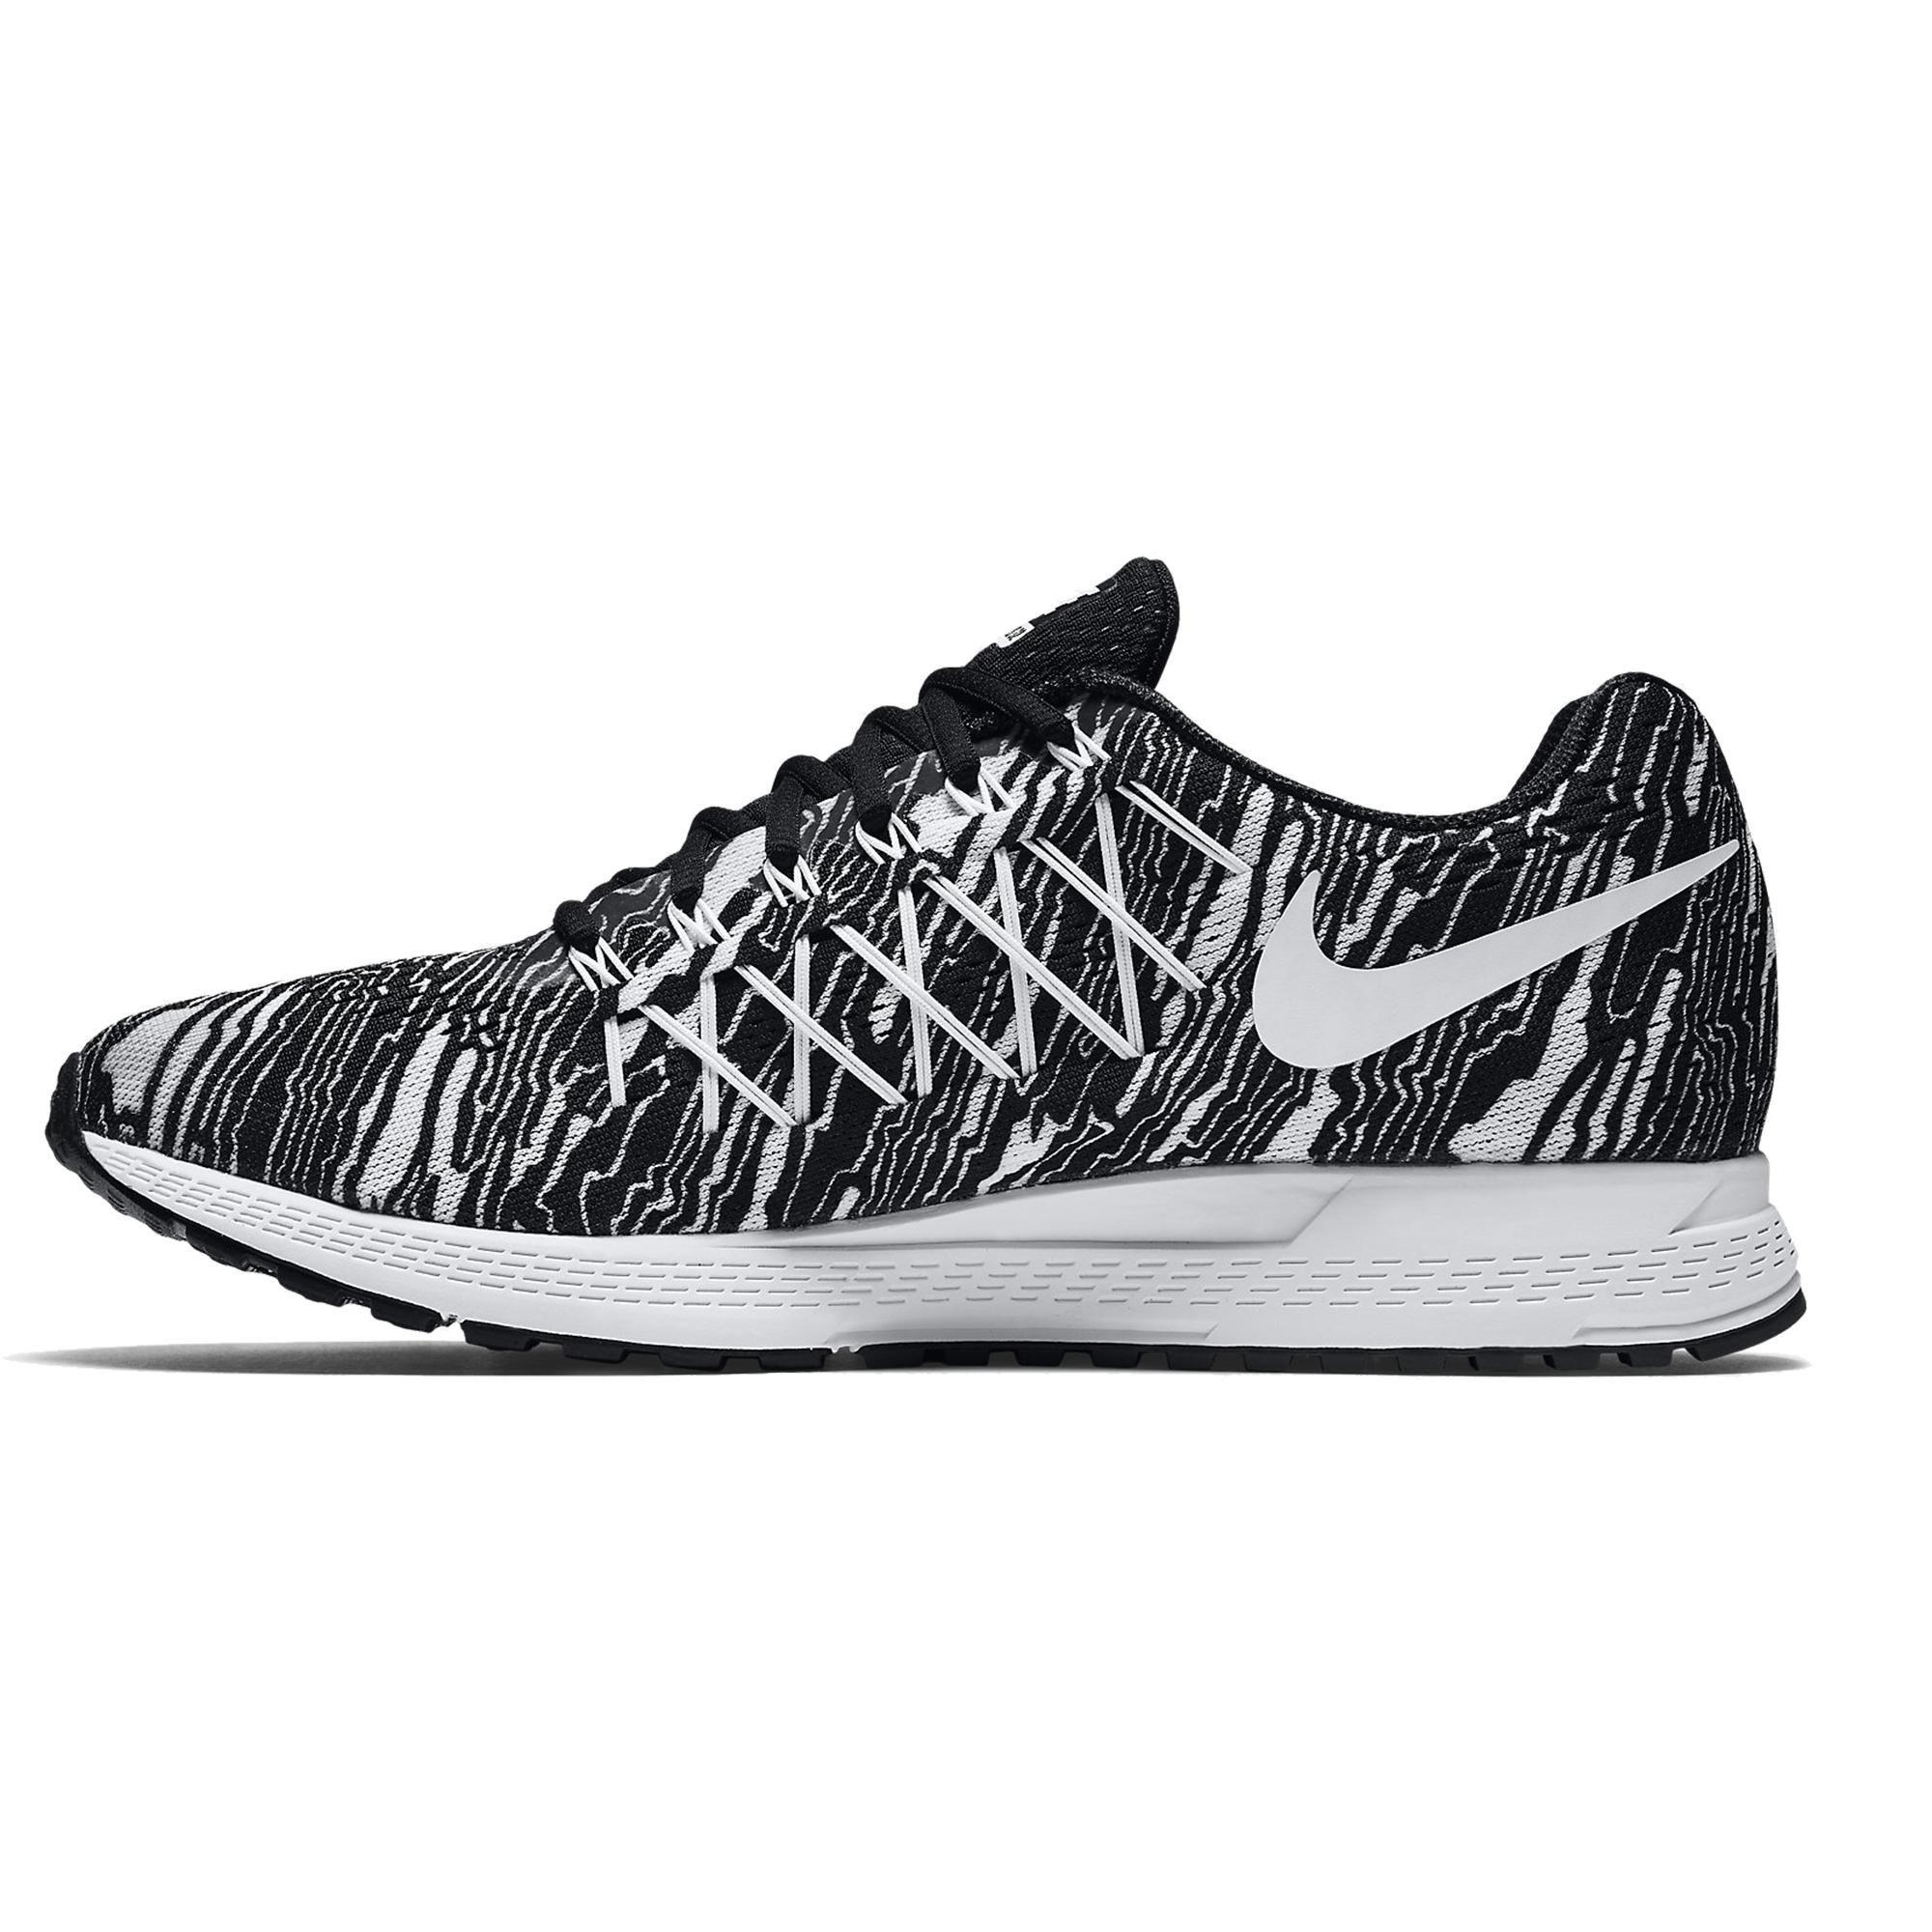 size 40 e548e ada8b Nike Air Zoom Pegasus 32 Print Erkek Spor Ayakkabı  806805-001 - Barcin.com